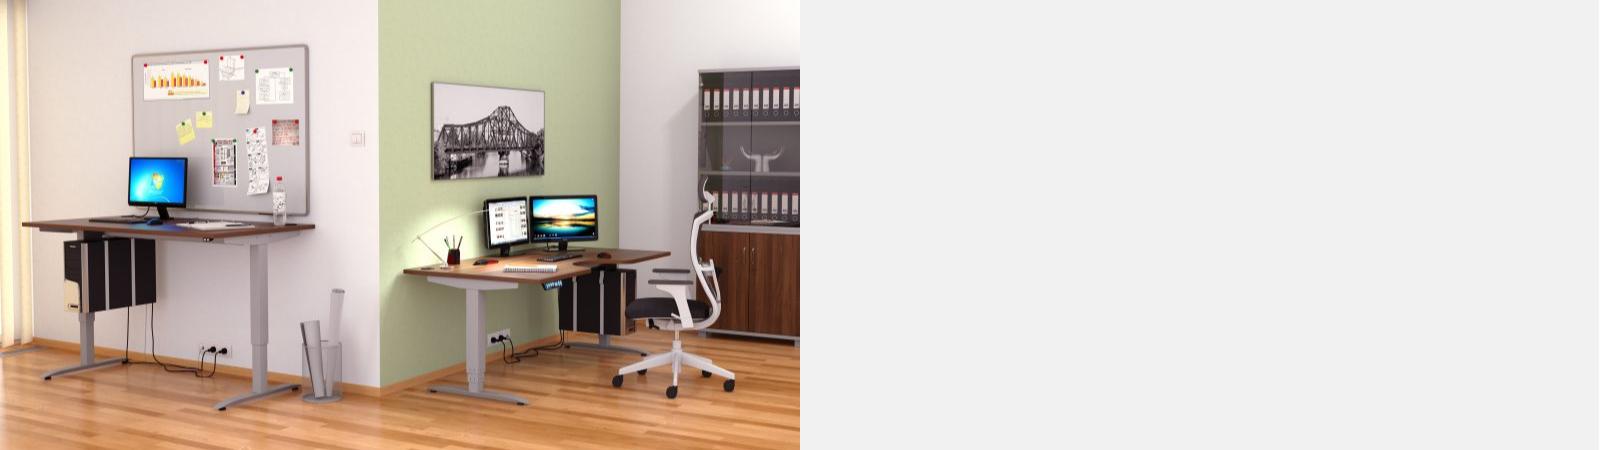 Speciální nabídka Home Office